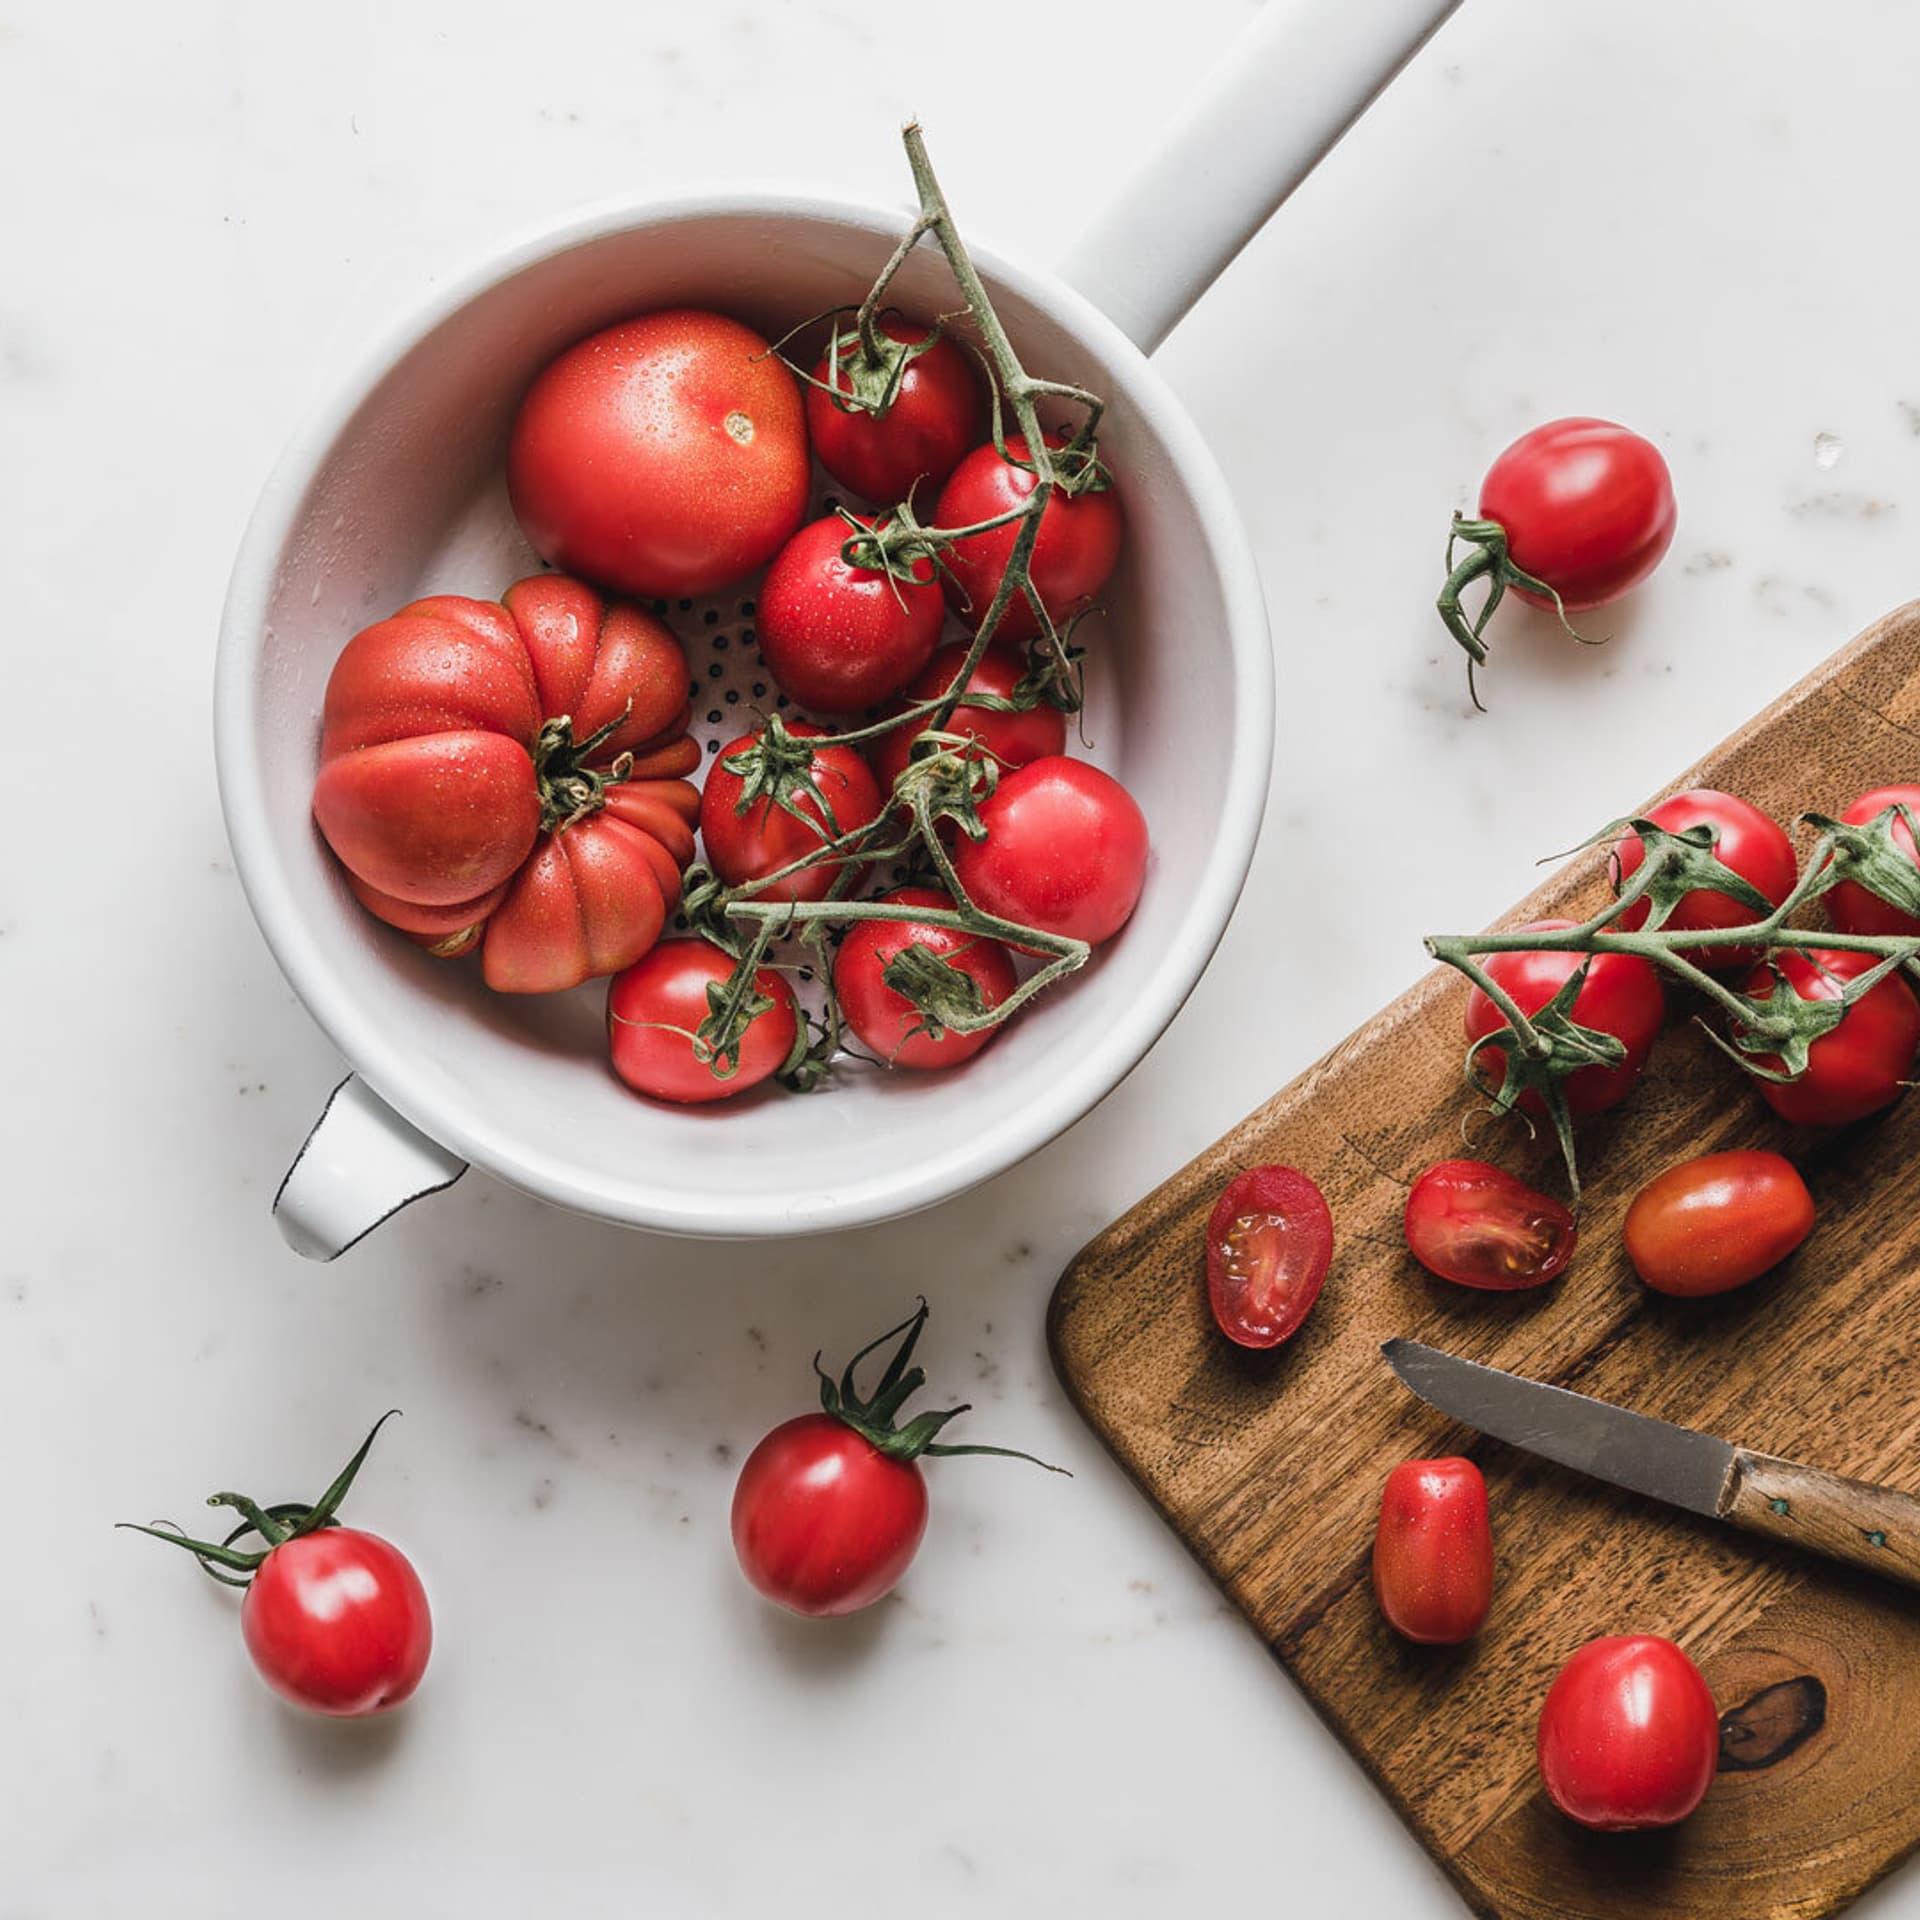 Tomaten auf Brettchen und in Schüssel